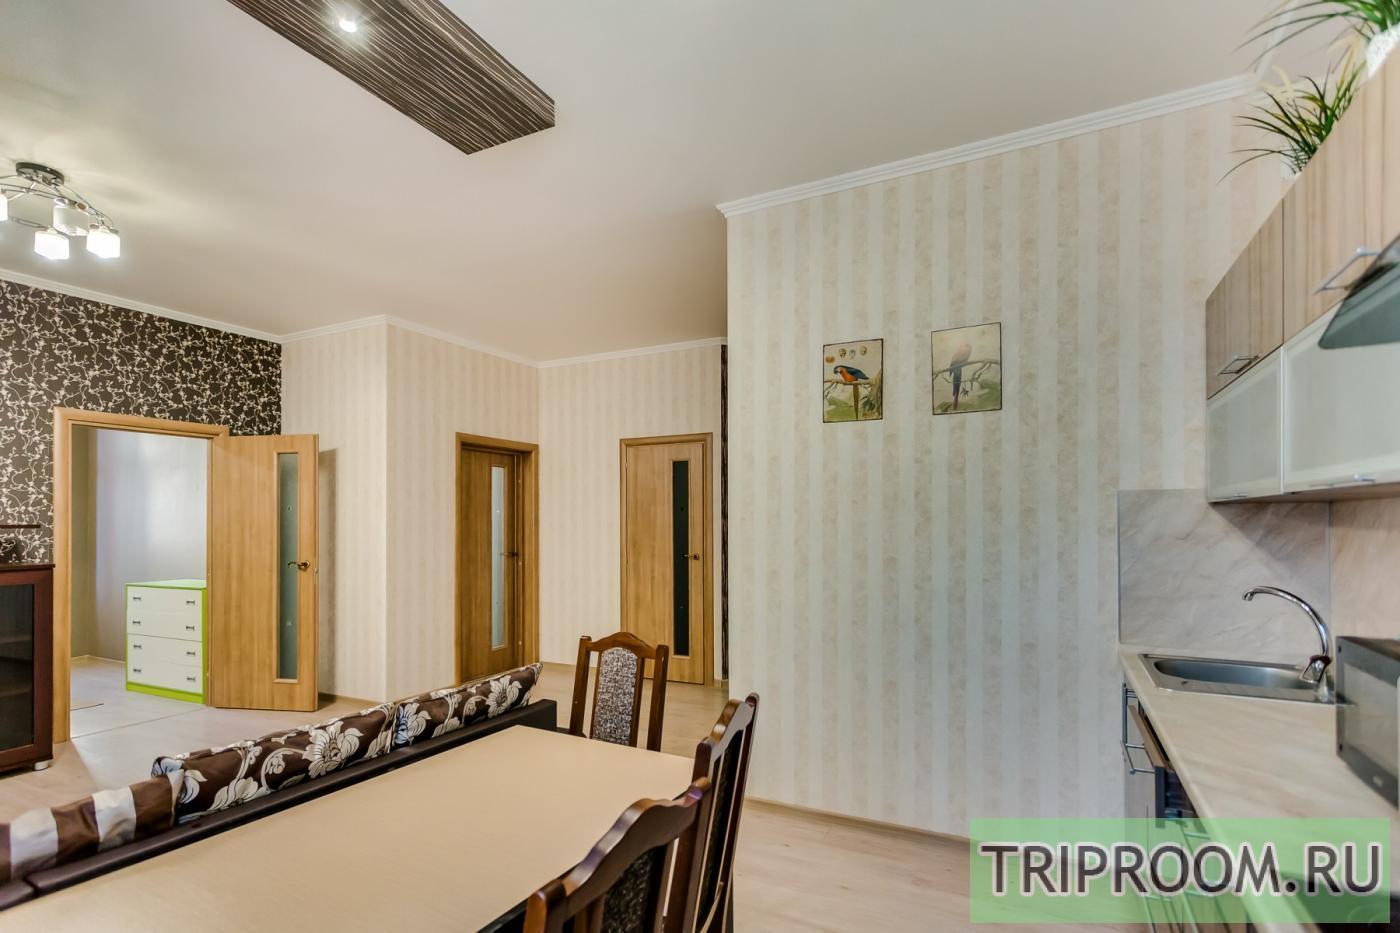 3-комнатная квартира посуточно (вариант № 23511), ул. Красноармейская улица, фото № 29